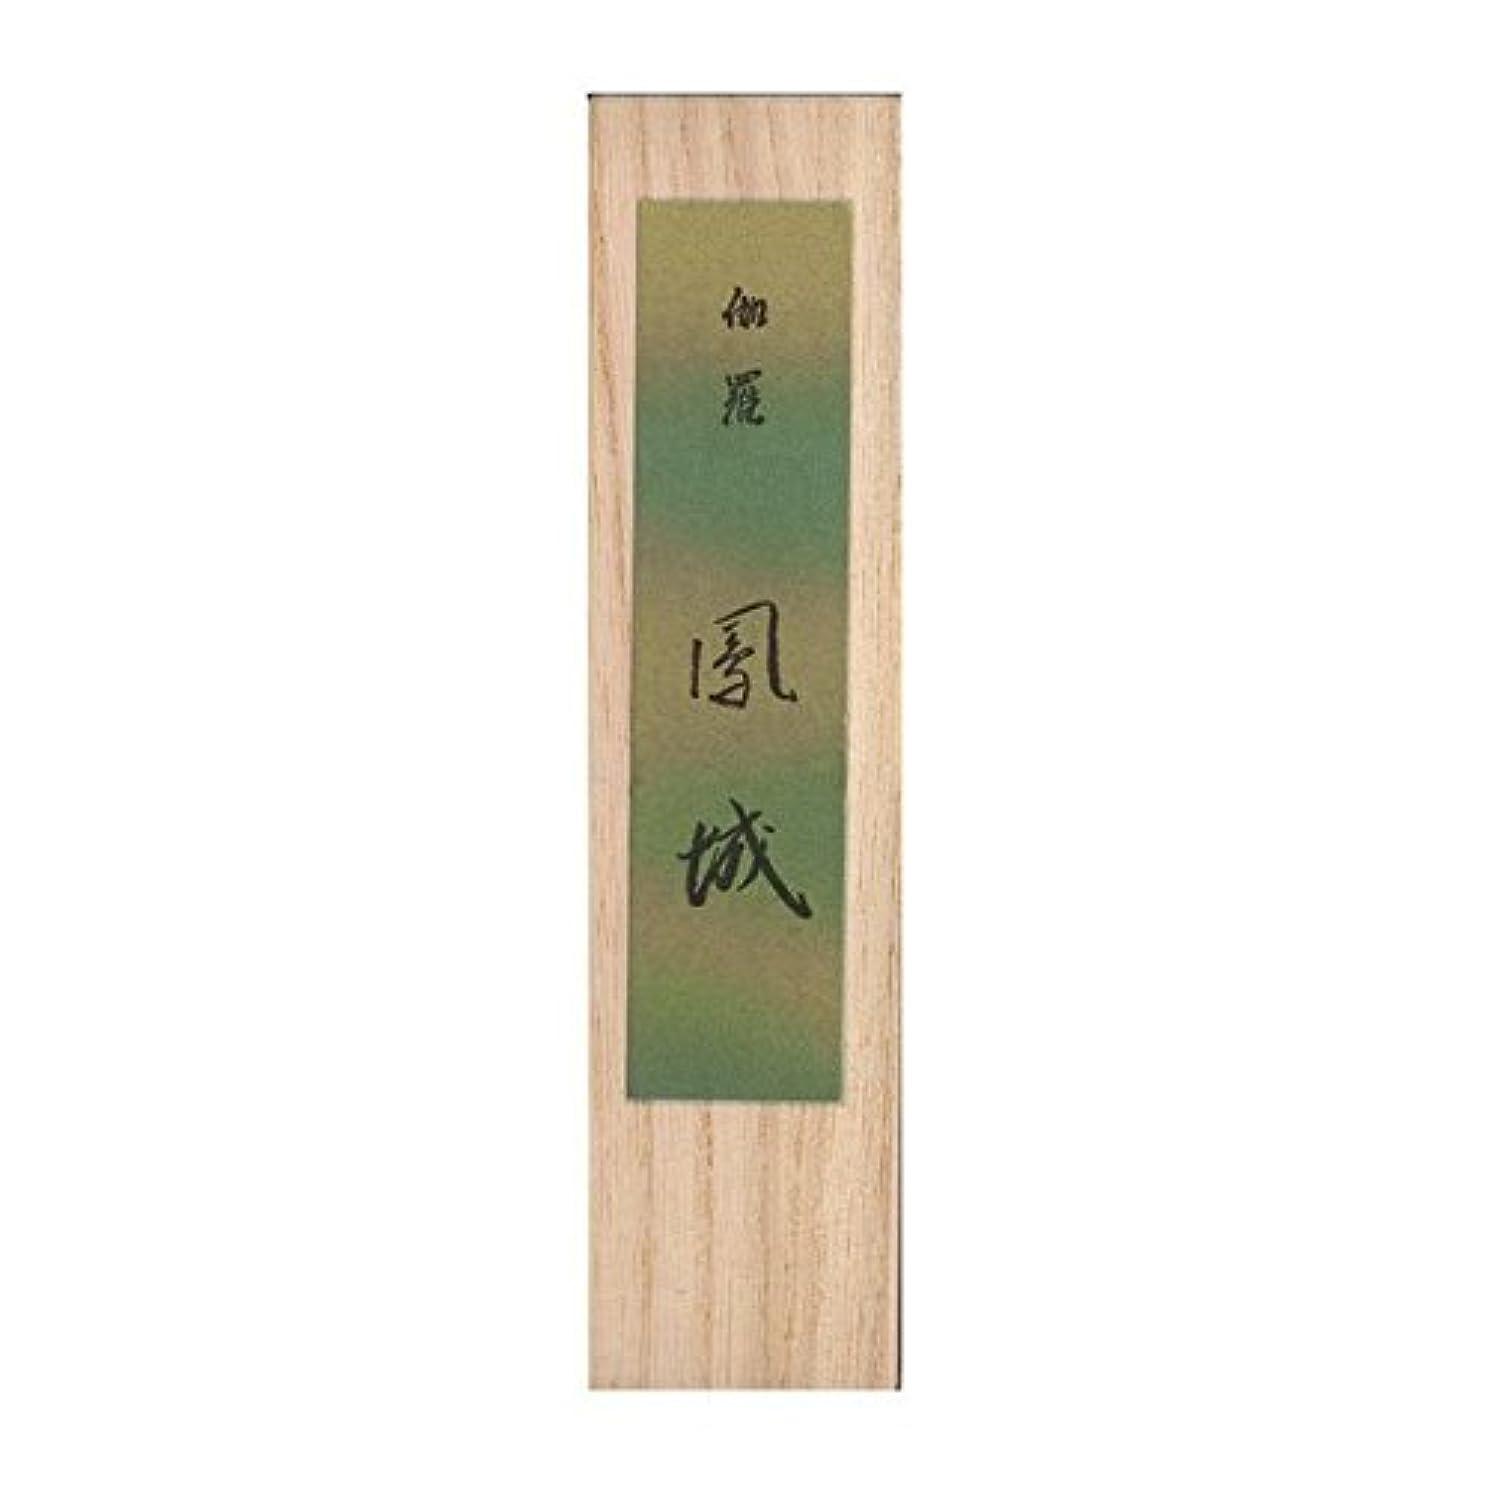 パイント木材パイント鳳城 翠 短寸